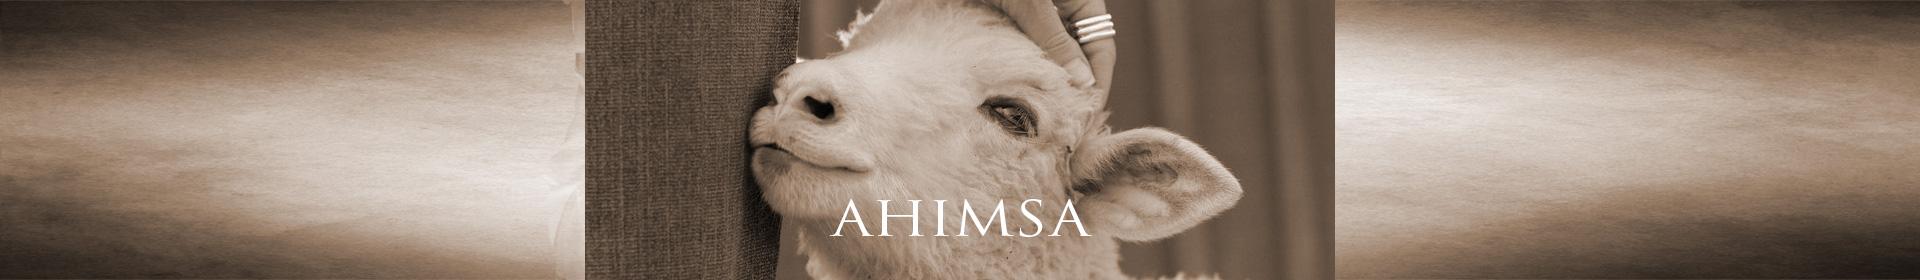 Ahimsa - Nonviolence